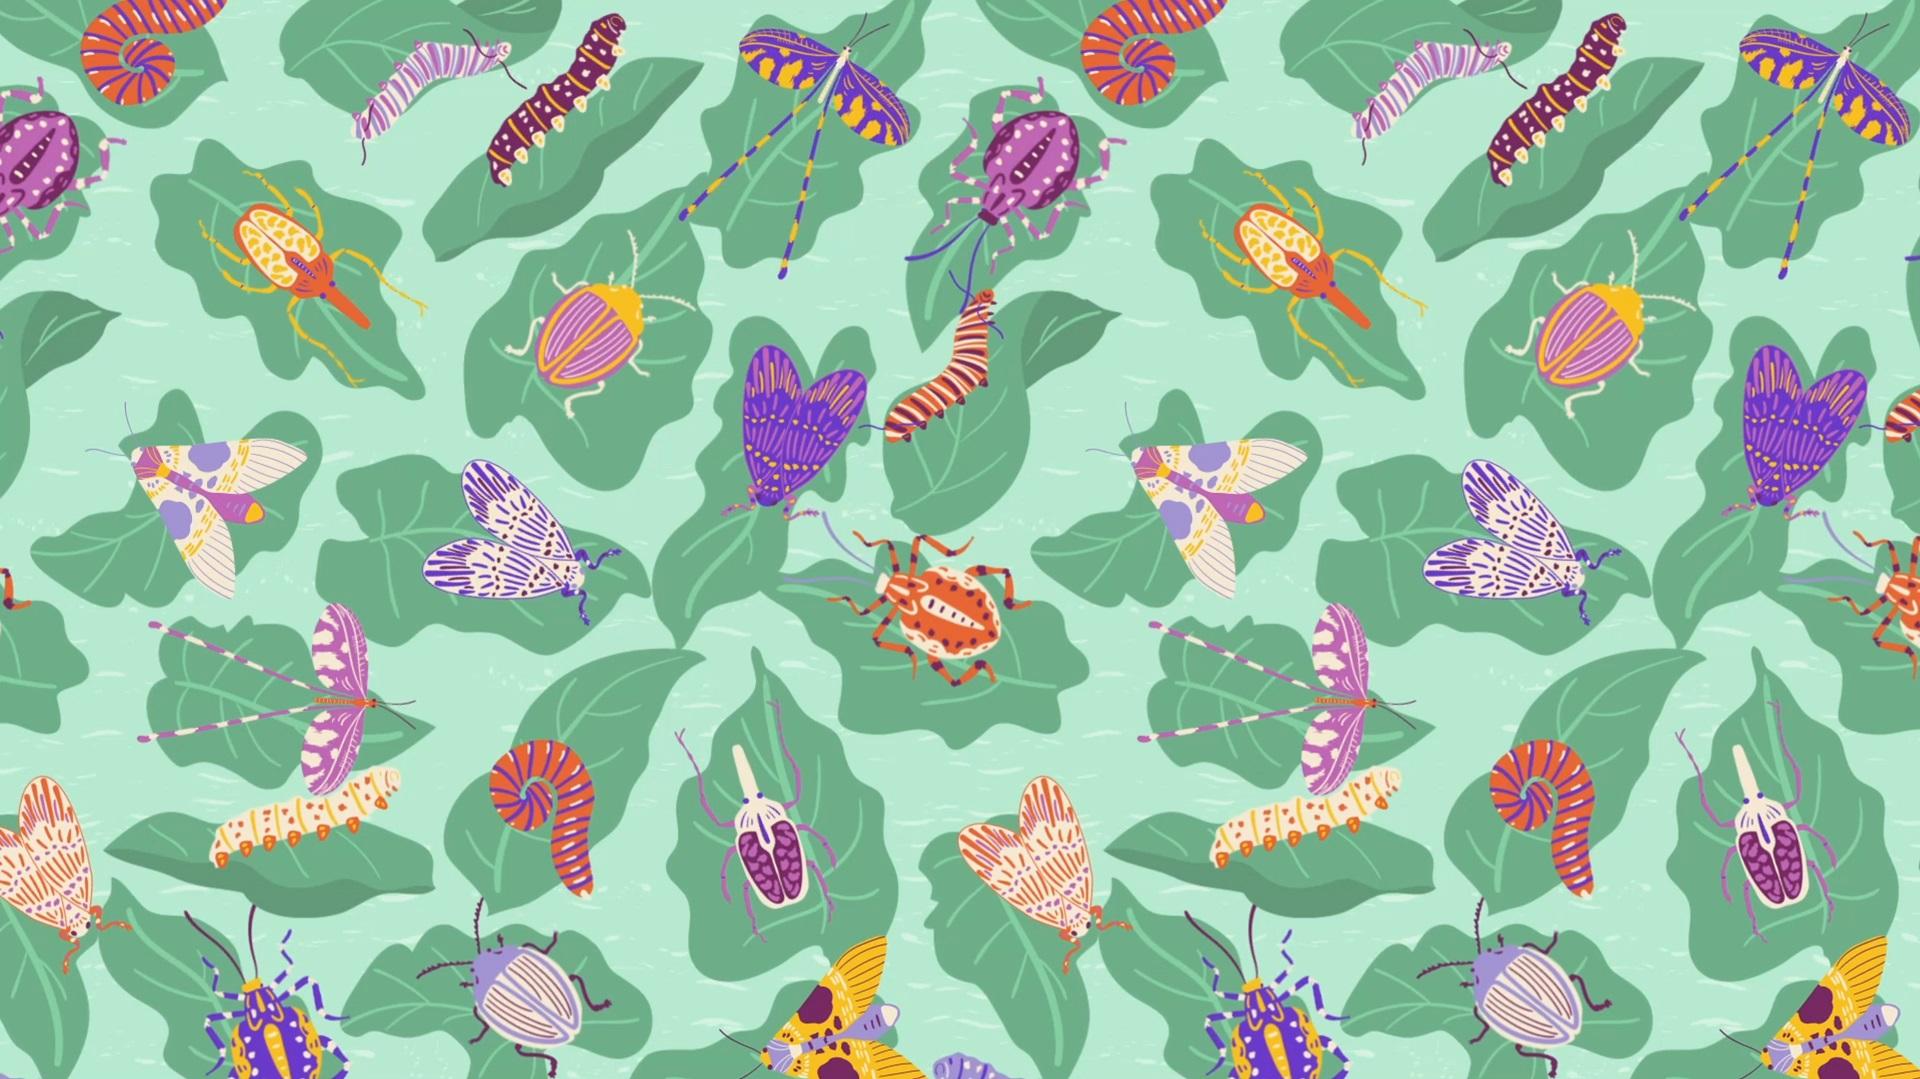 Bugs Surface Pattern 16x9 JPEG